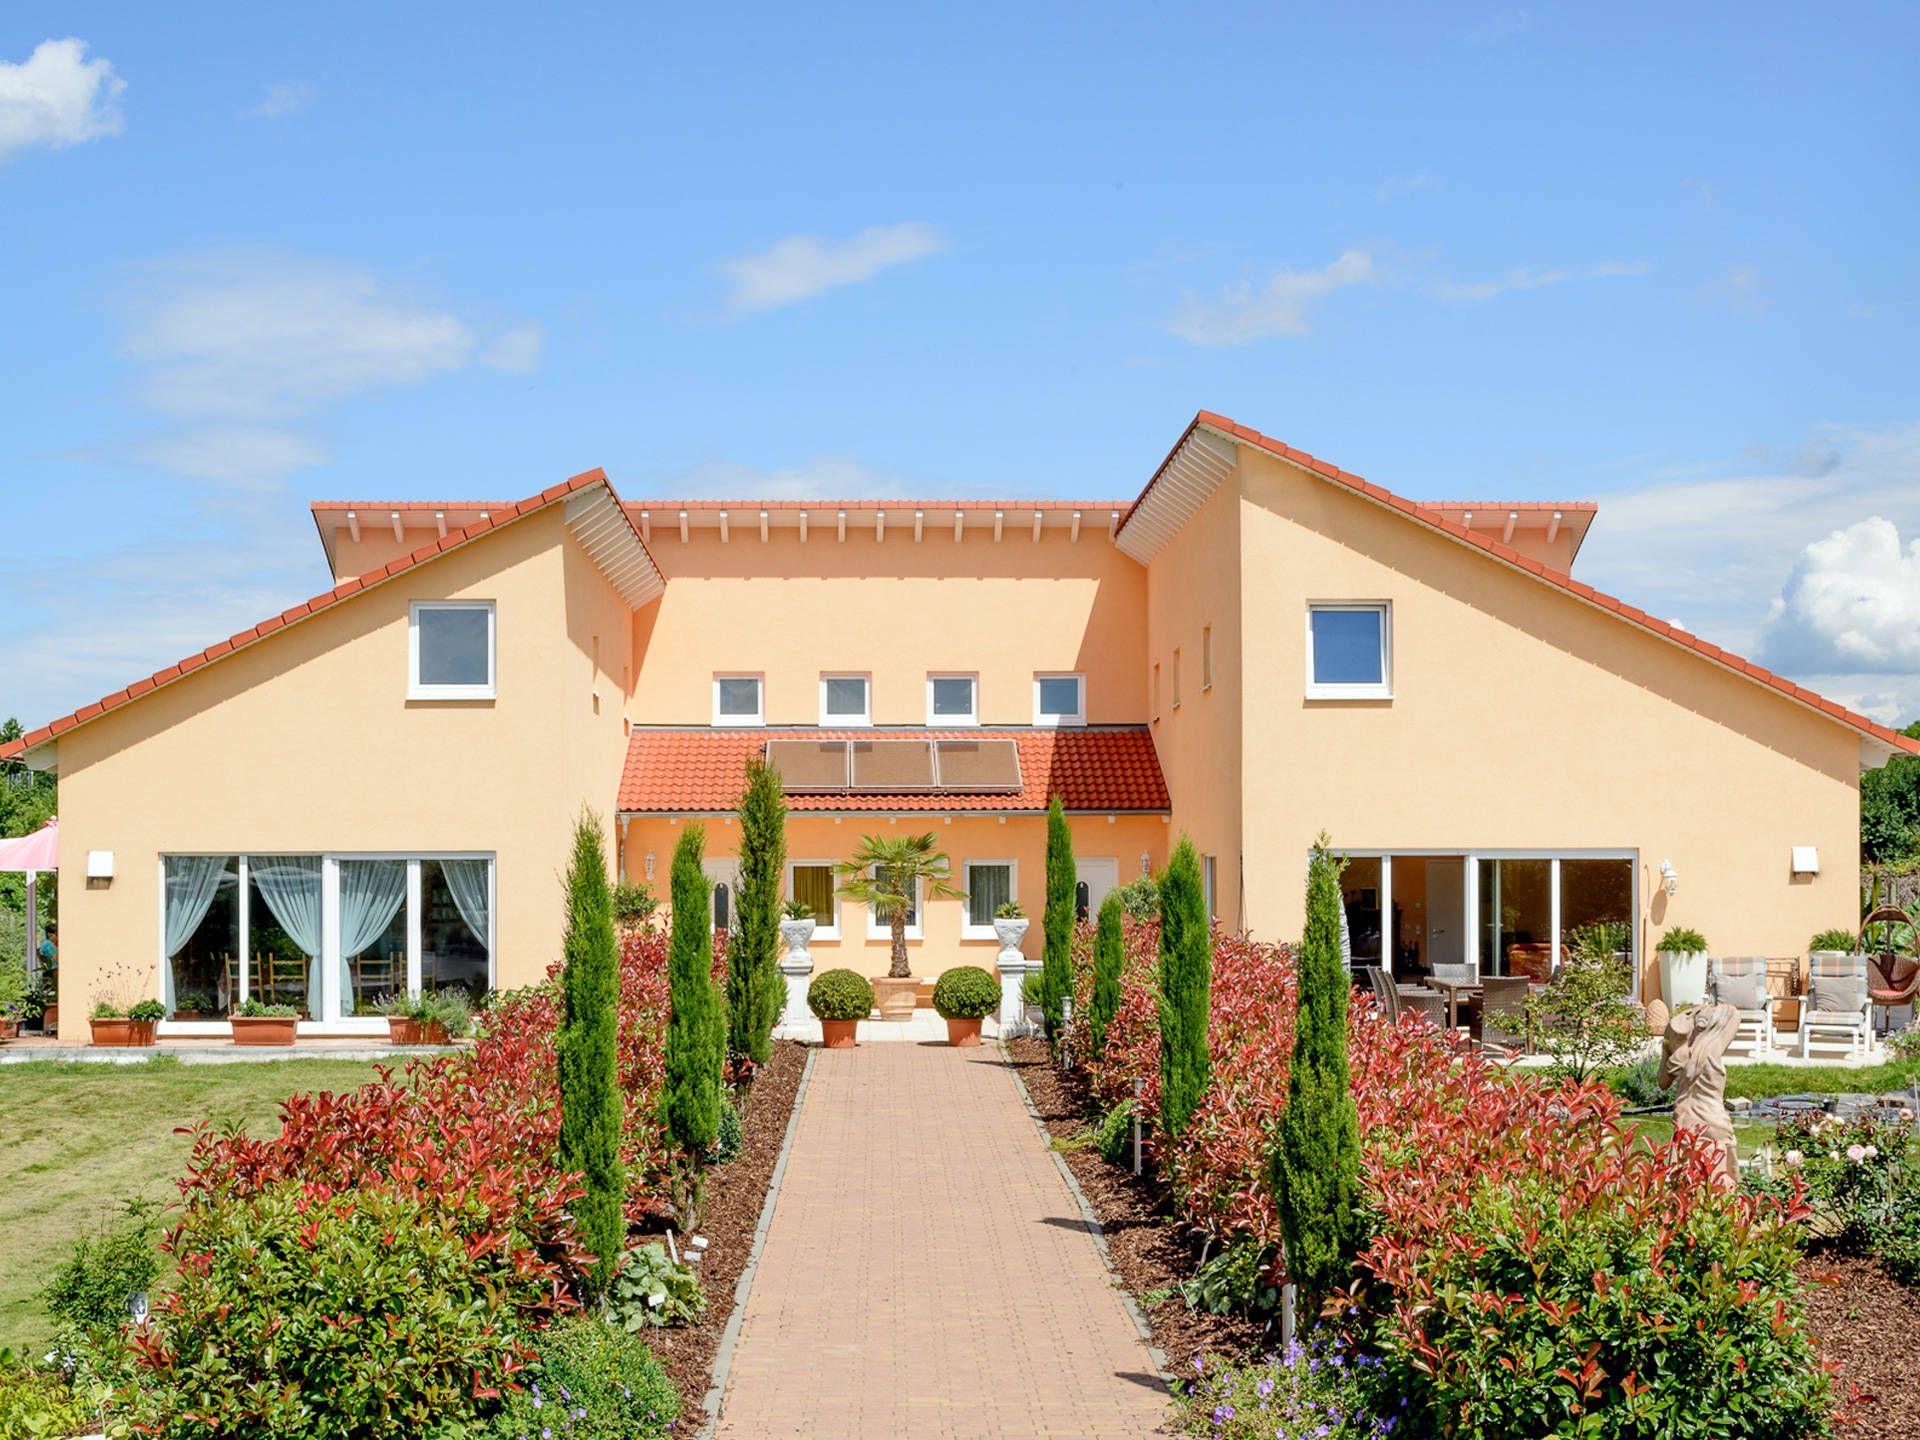 mehrgenerationenhaus auen mediterranes haus von albert haus fertighaus mit abgeschlossenen. Black Bedroom Furniture Sets. Home Design Ideas